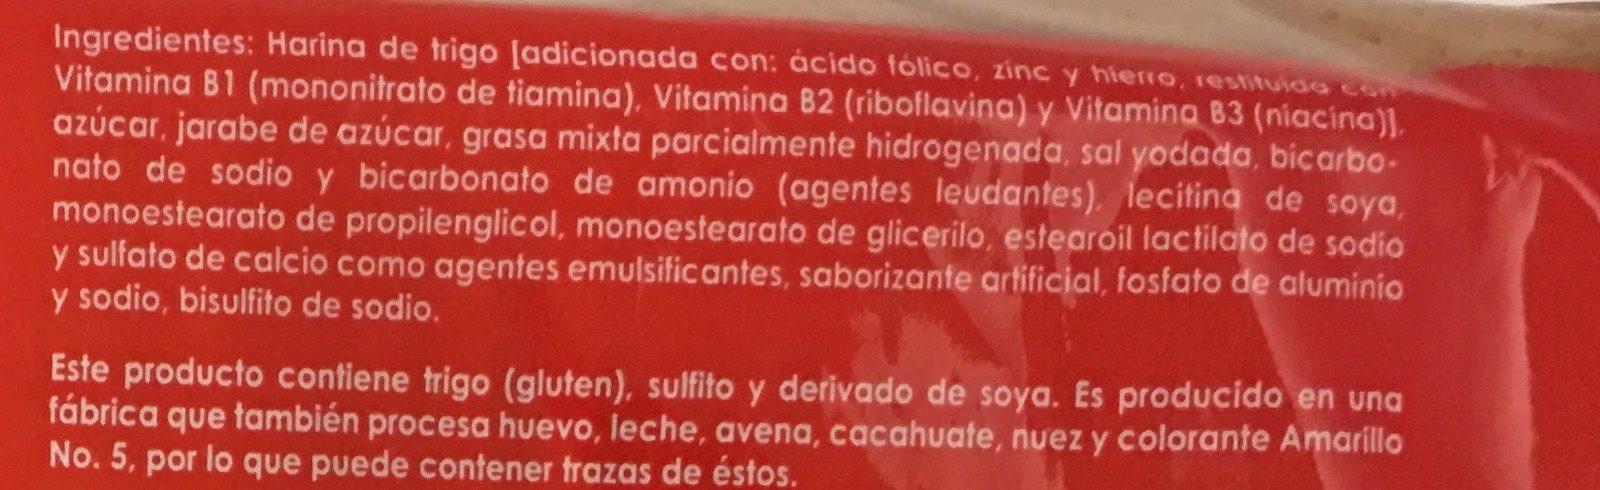 Galletas marías - Ingrédients - es